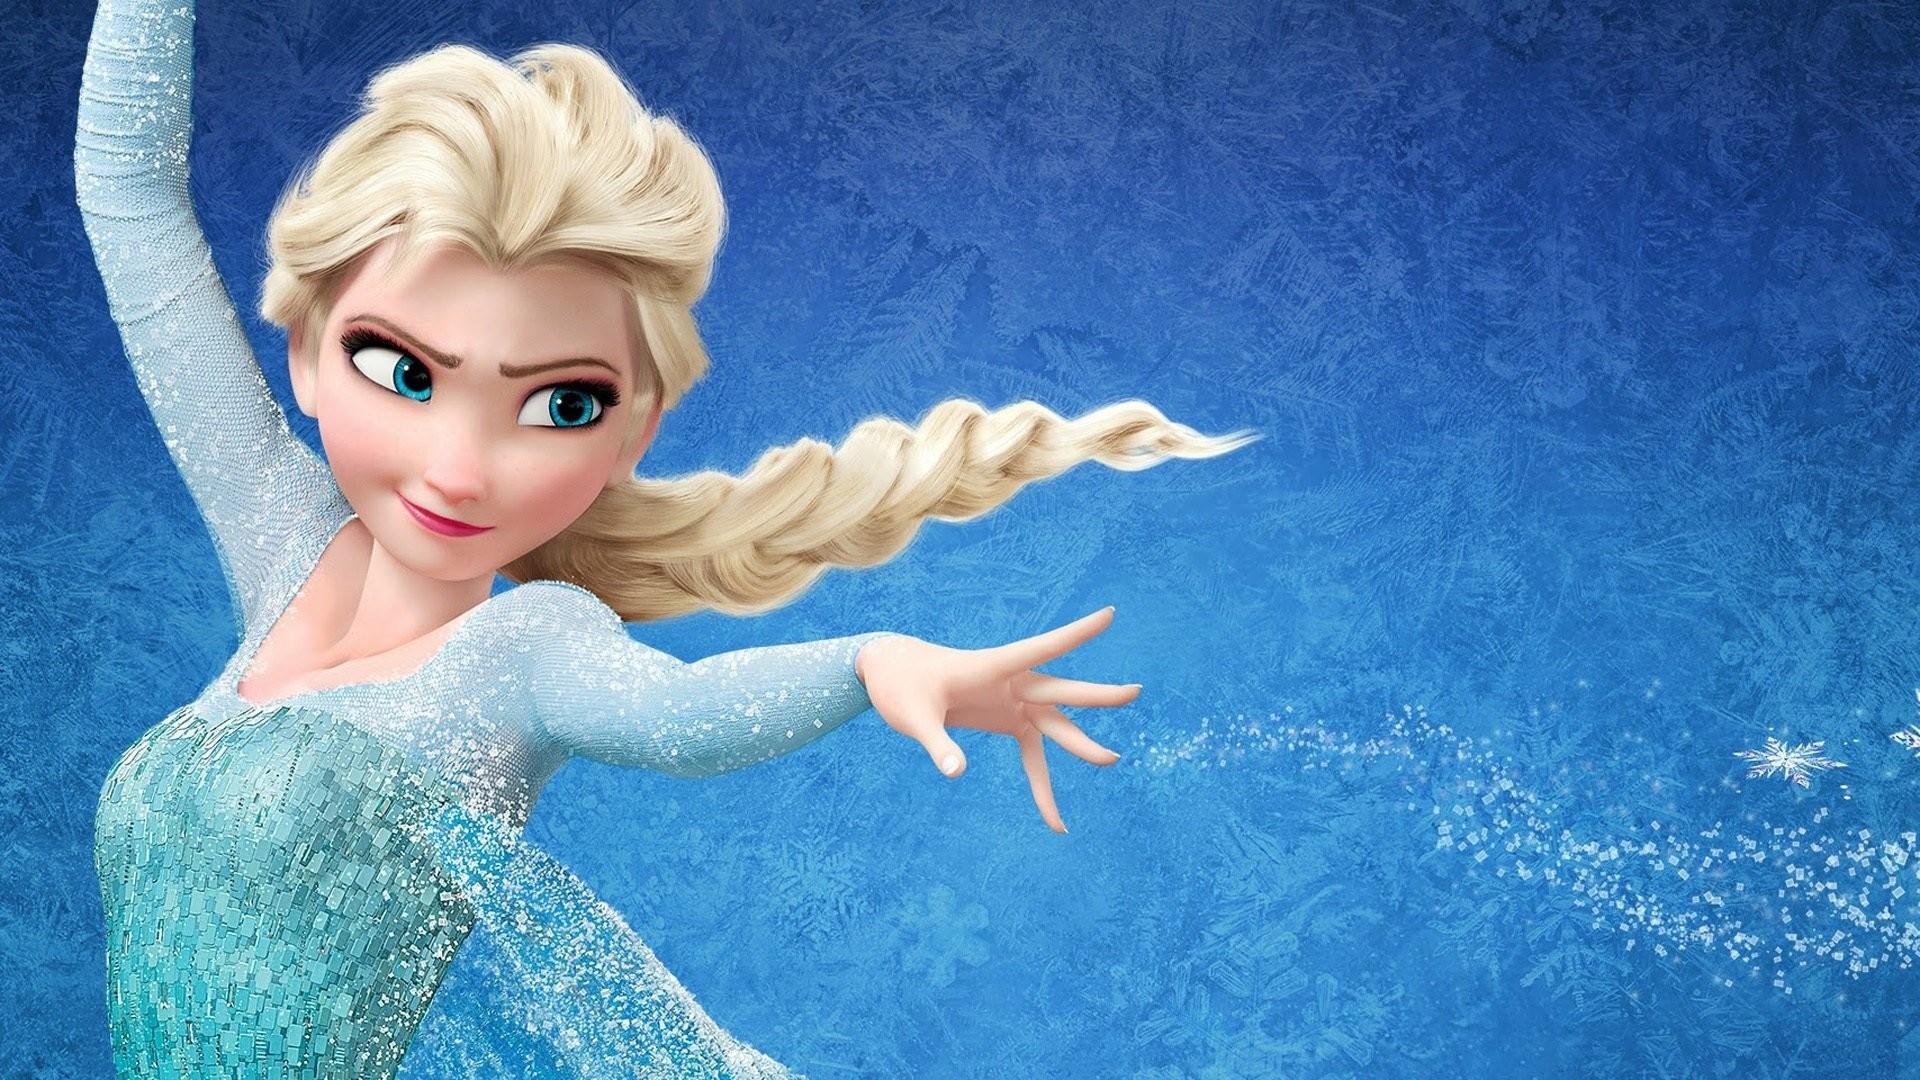 Movies Frozen Movie Princess Elsa